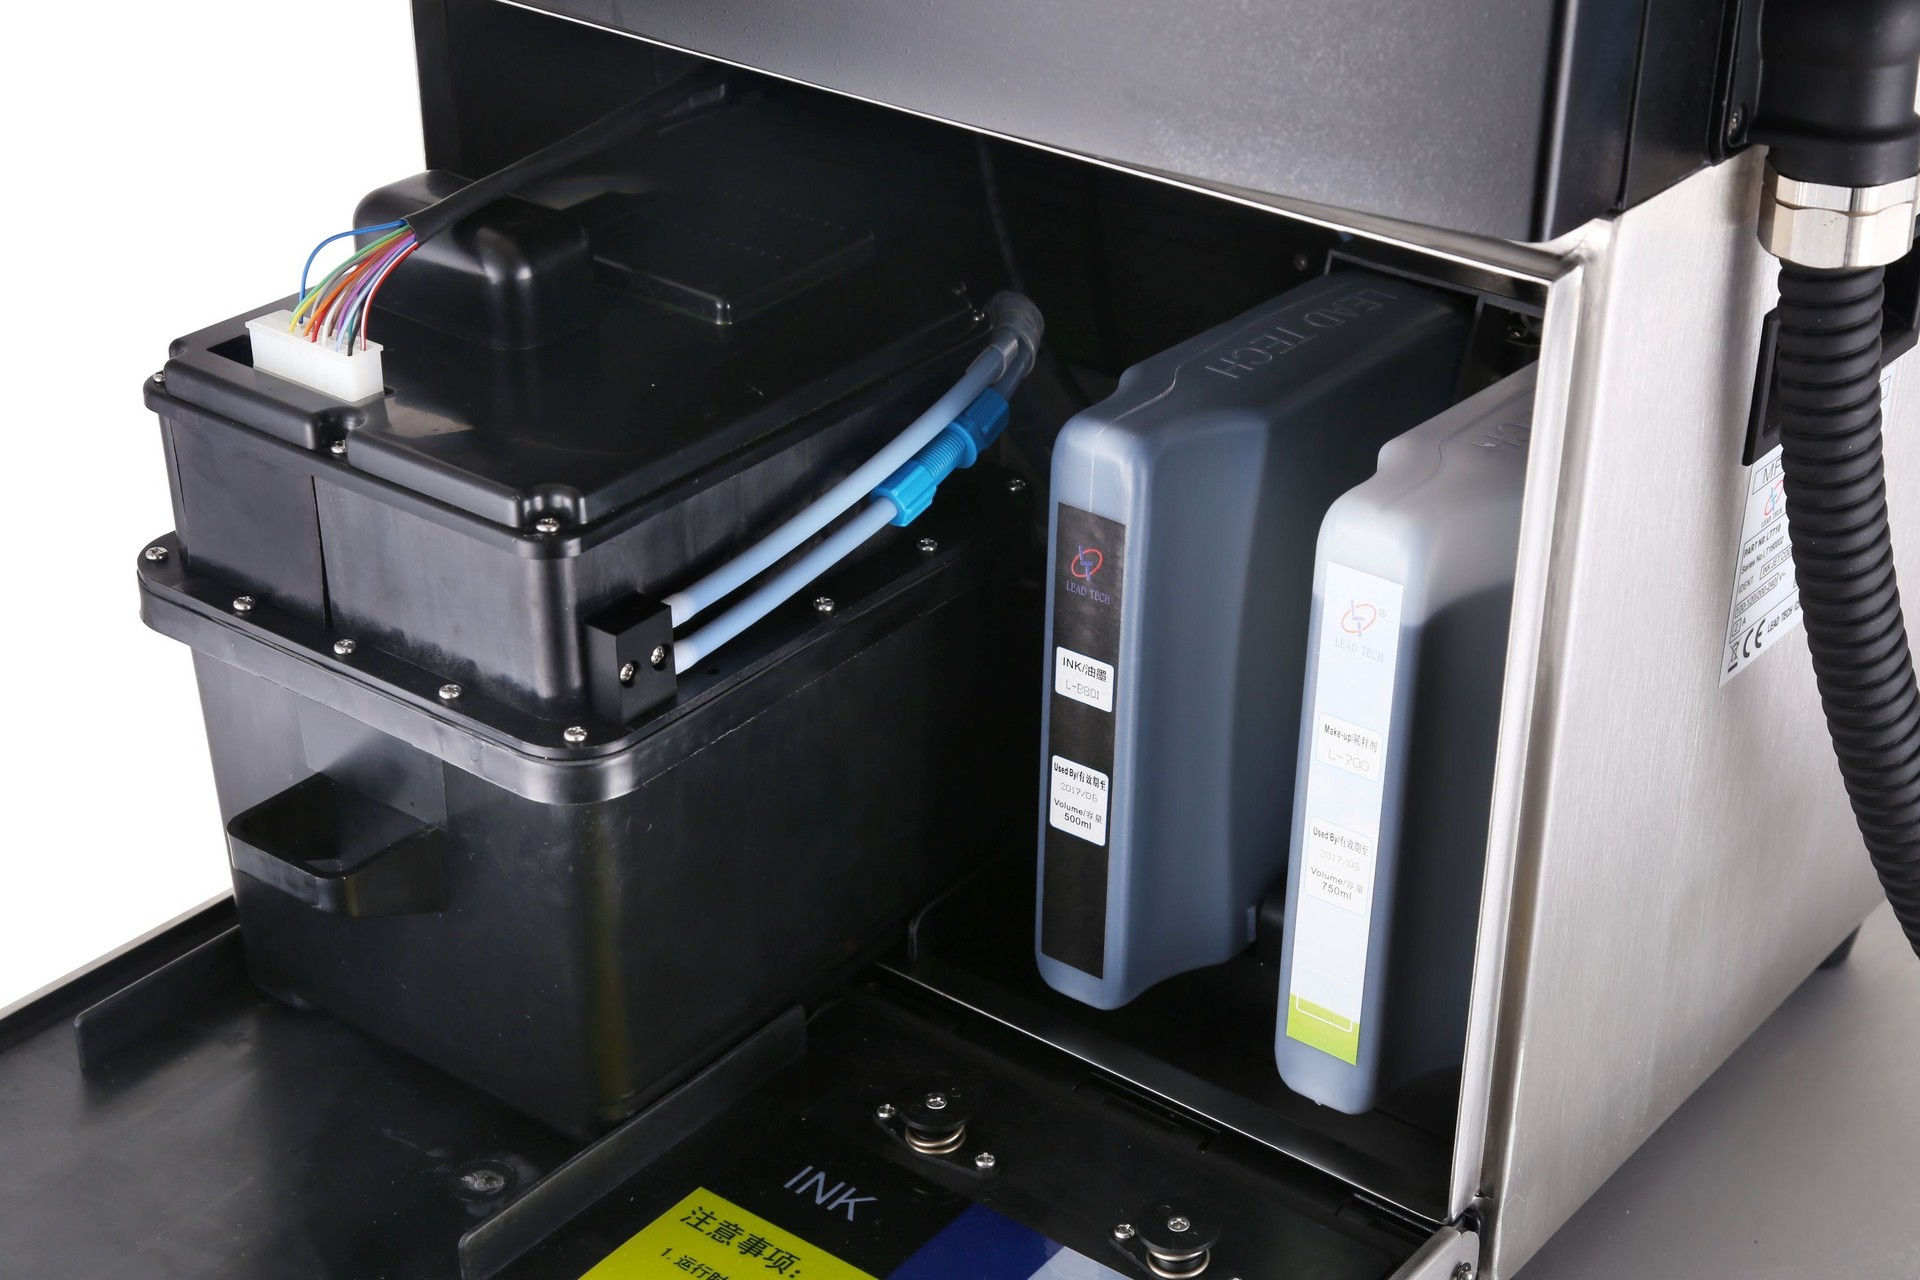 Lead Tech Lt760 Cij Inkjet Printer for HDPE Coding